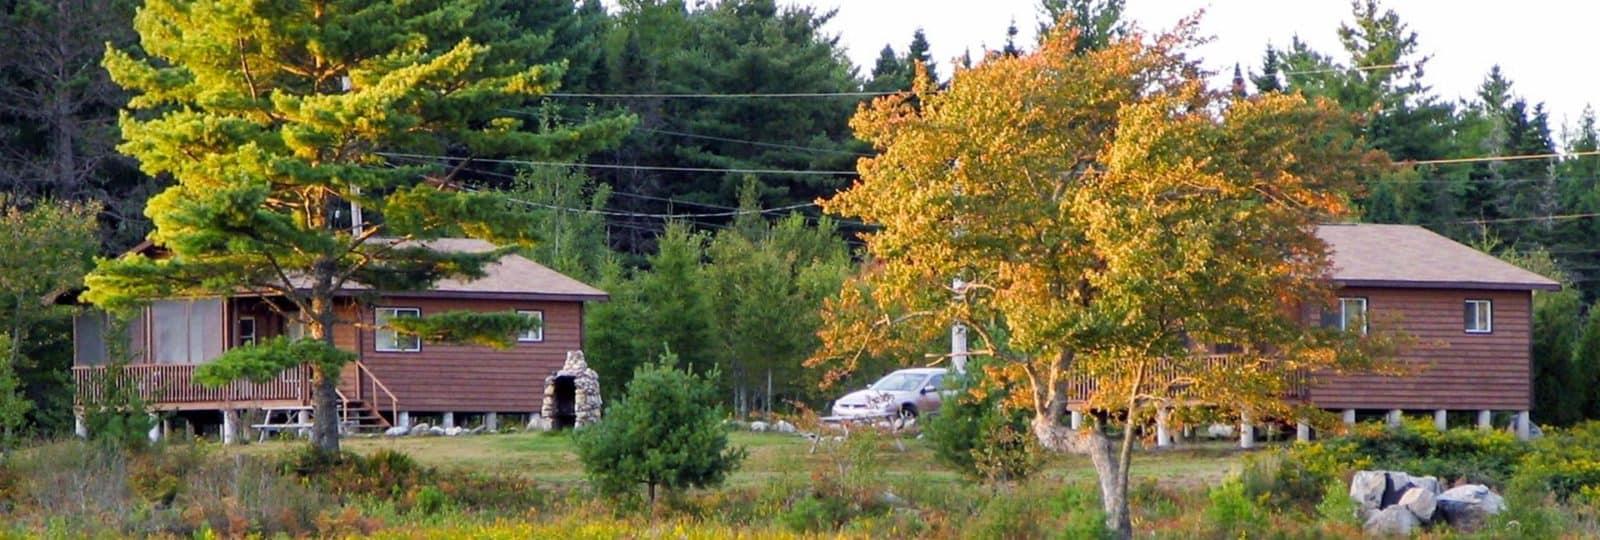 Cottages an der Suedkueste Nova Scotia´s